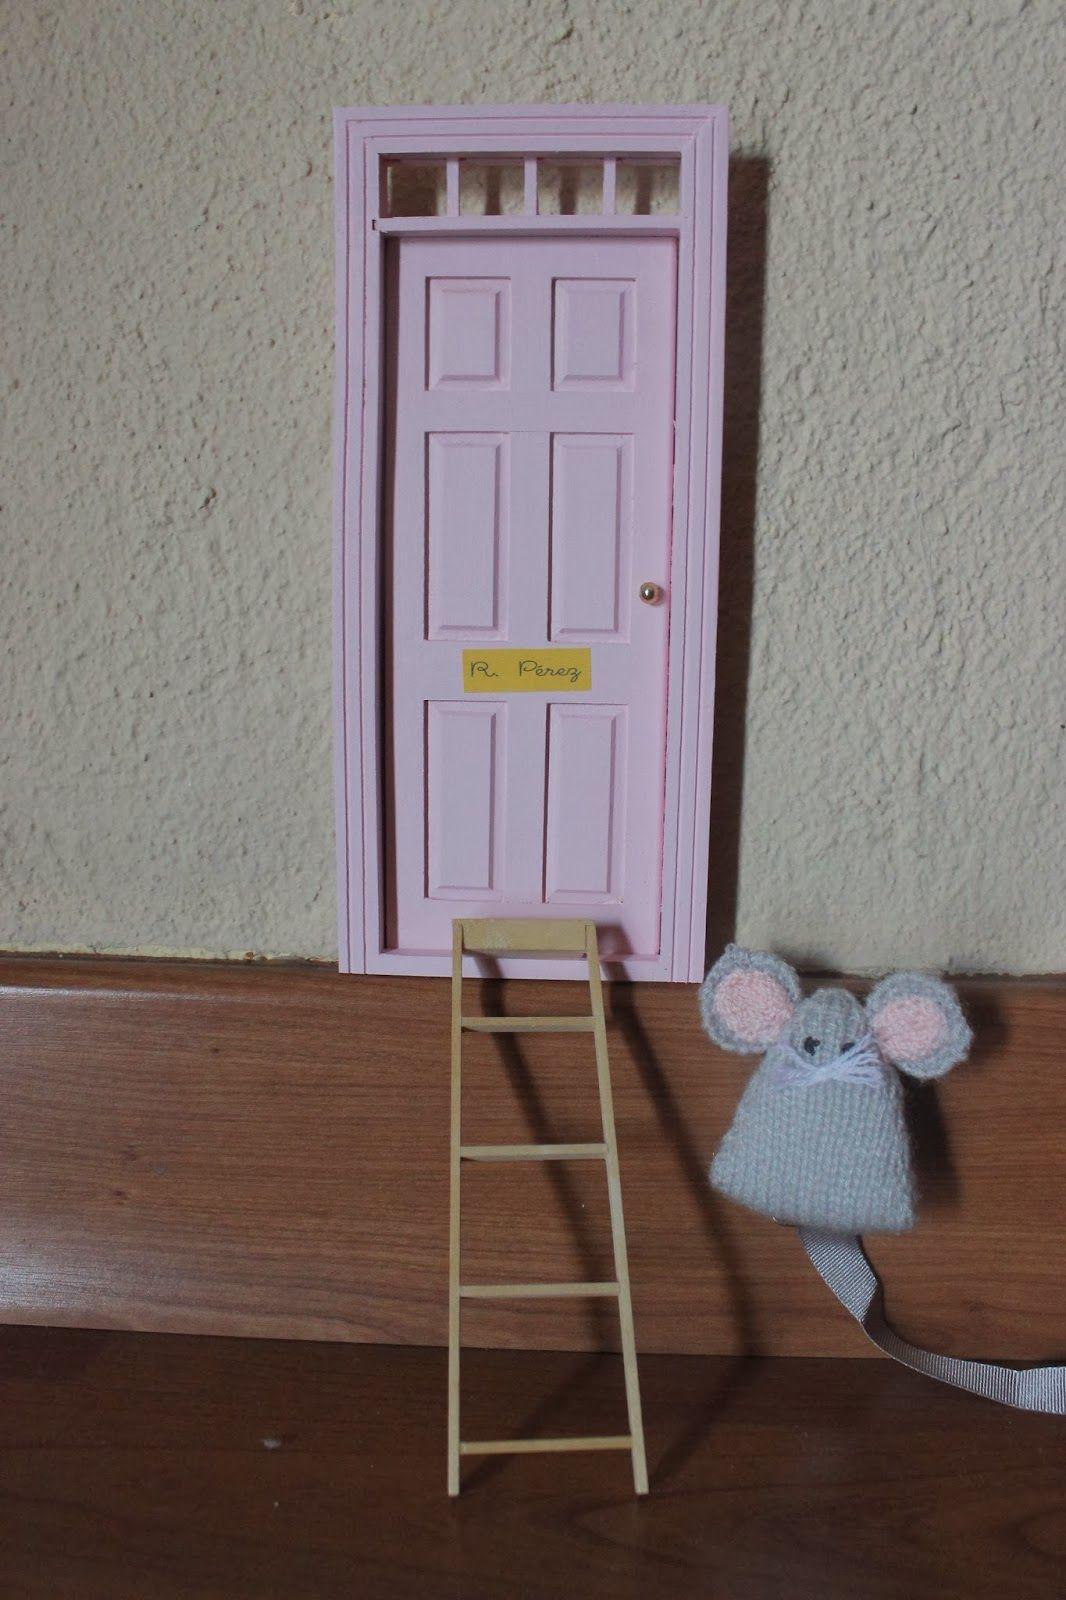 El ratón Pérez tiene su propia casa.